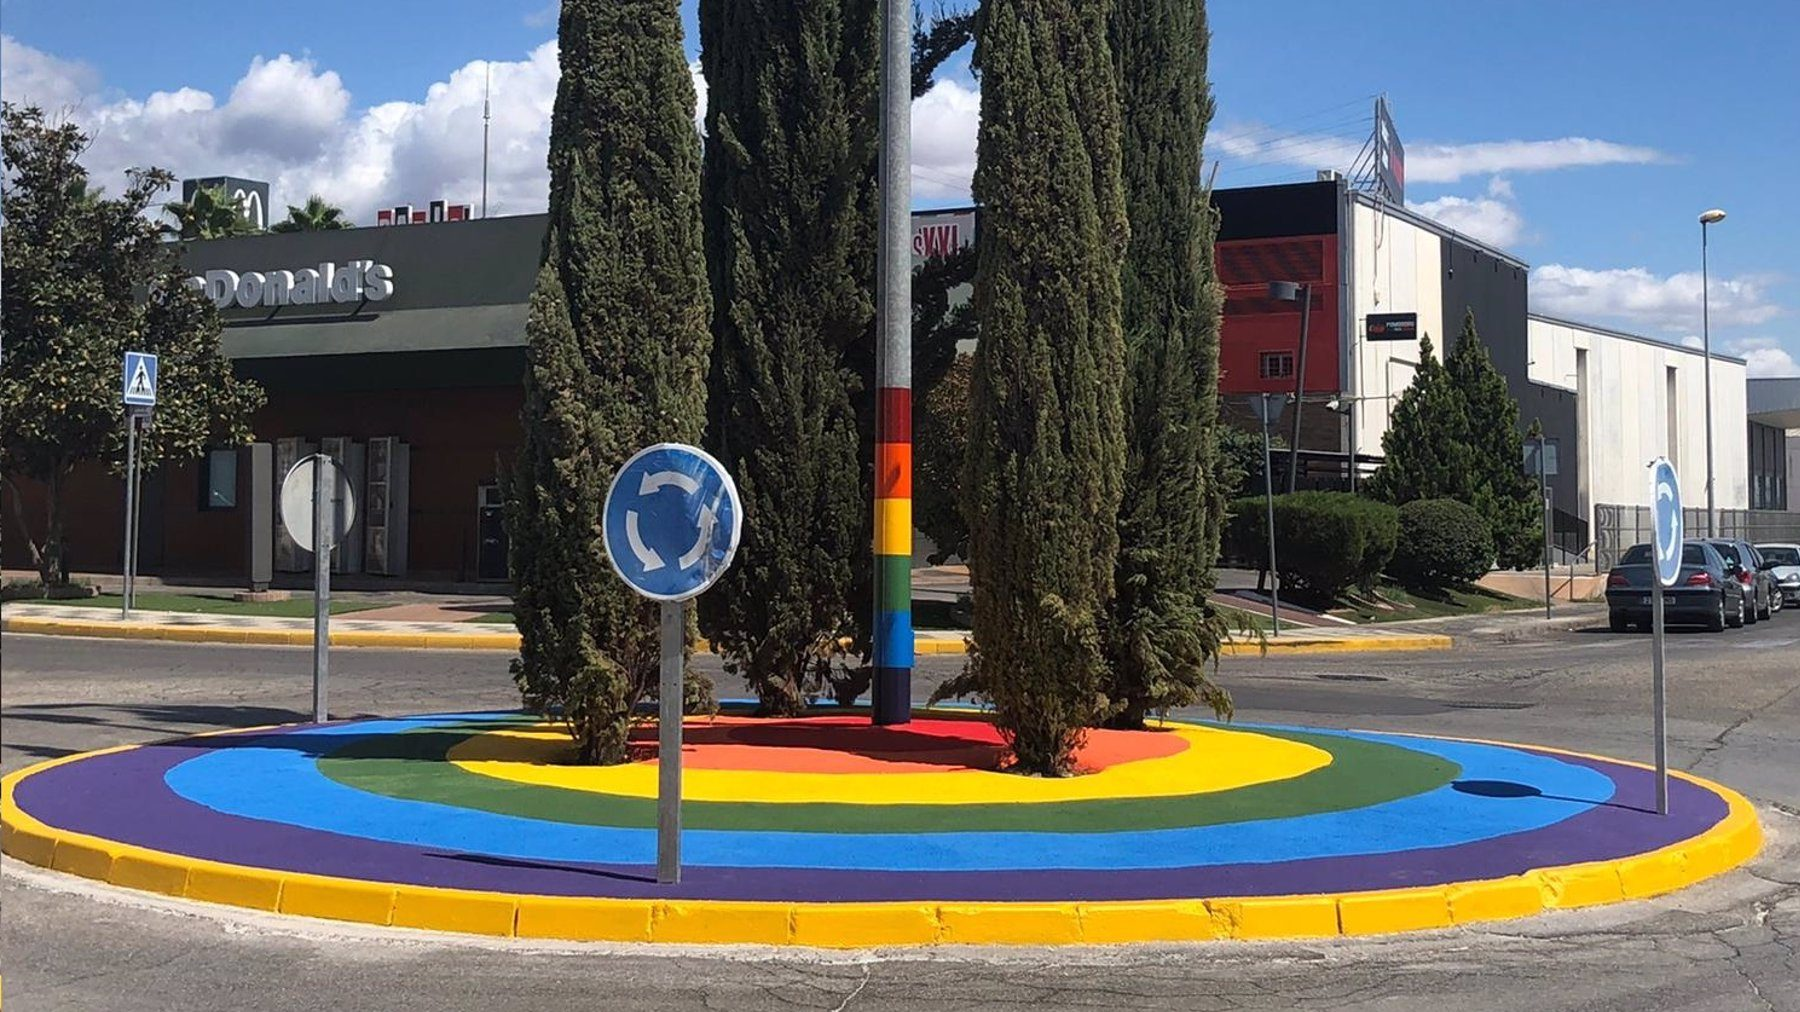 Andújar dedica una rotonda al colectivo Lgtbi para darle visibilidad y apoyo «frente a la homofobia y el odio».